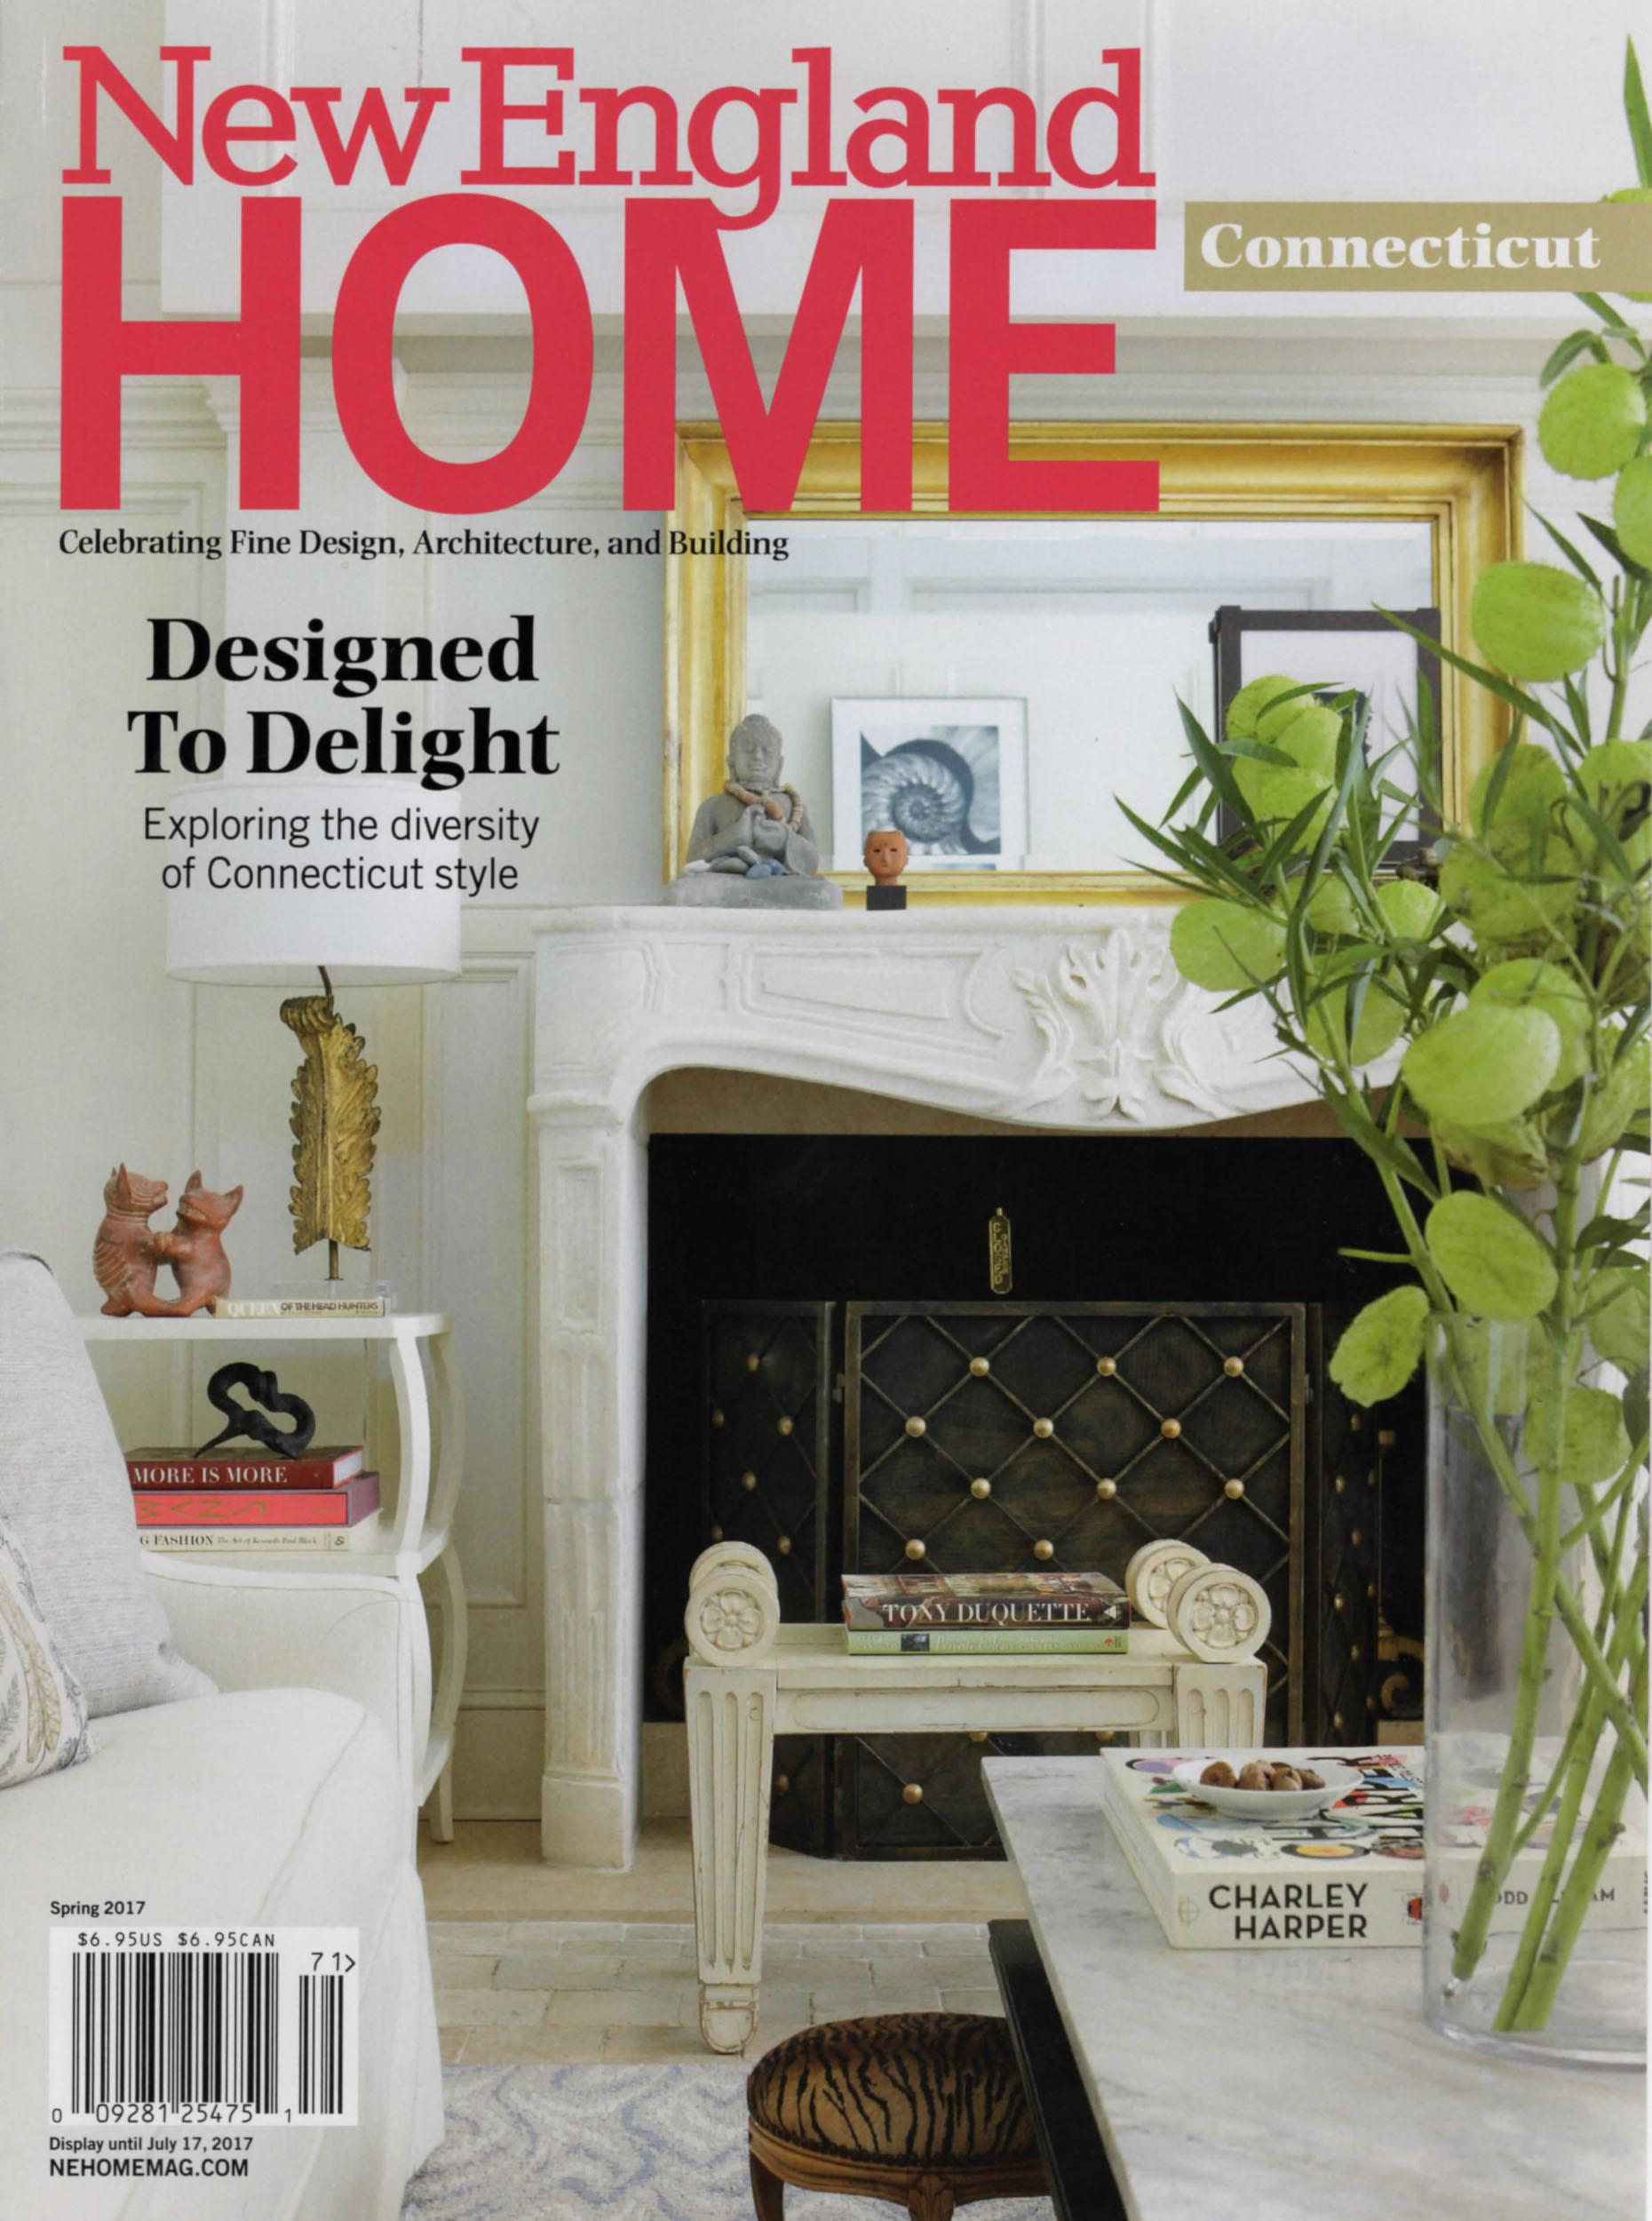 Caroline Kopp Interior Design Westport Connecticut Best Interior Design Firms.jpg